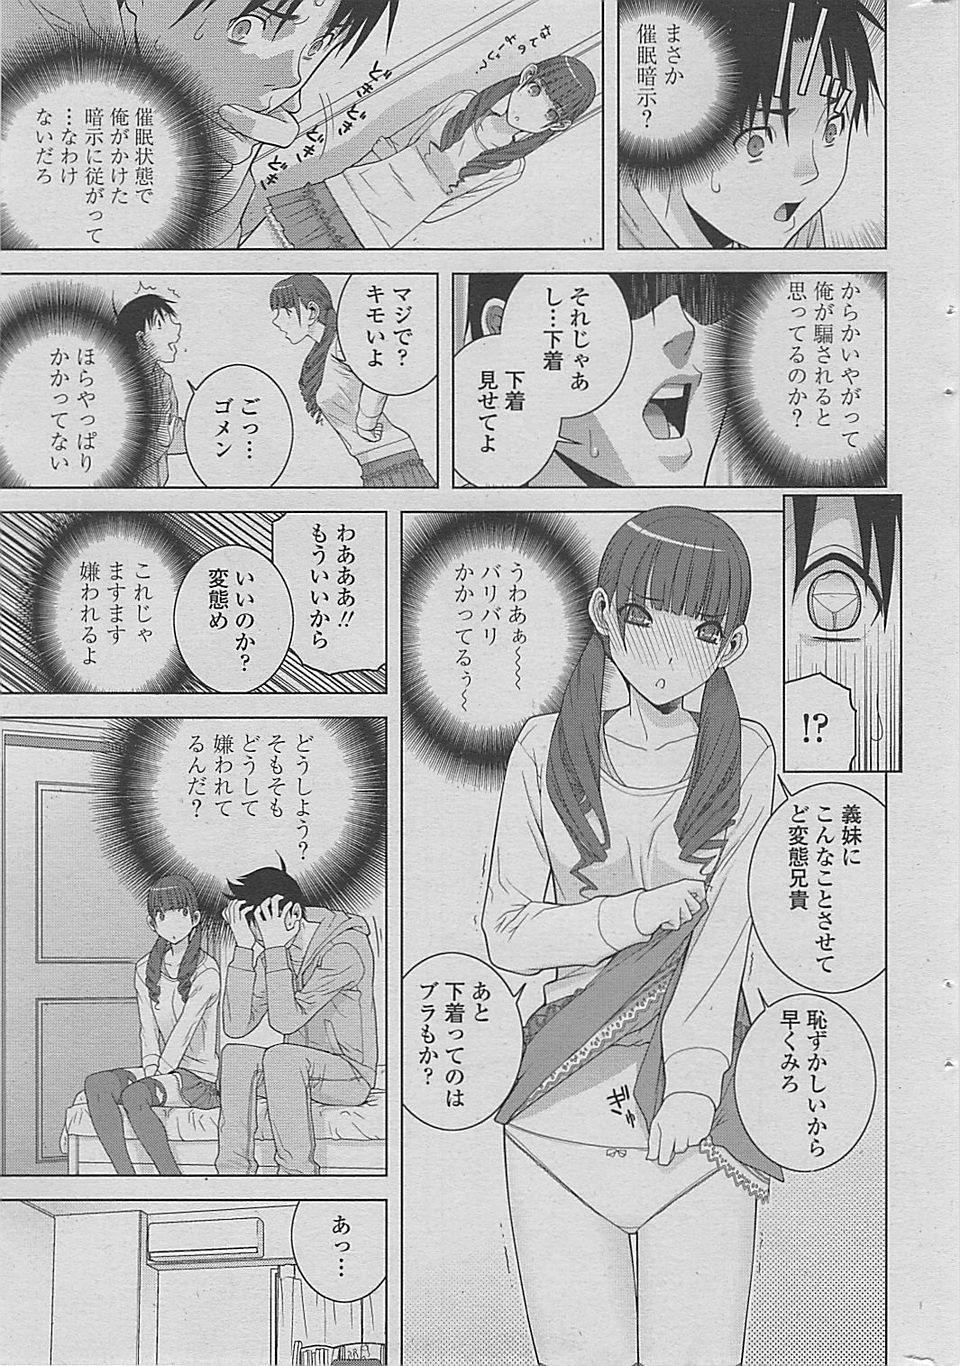 【エロ漫画・エロ同人誌】巨乳の義妹に催眠術かけてって言われたからかけてみたらかかったみたいwツンデレ全開になっちゃってセックスしちゃったwww (5)